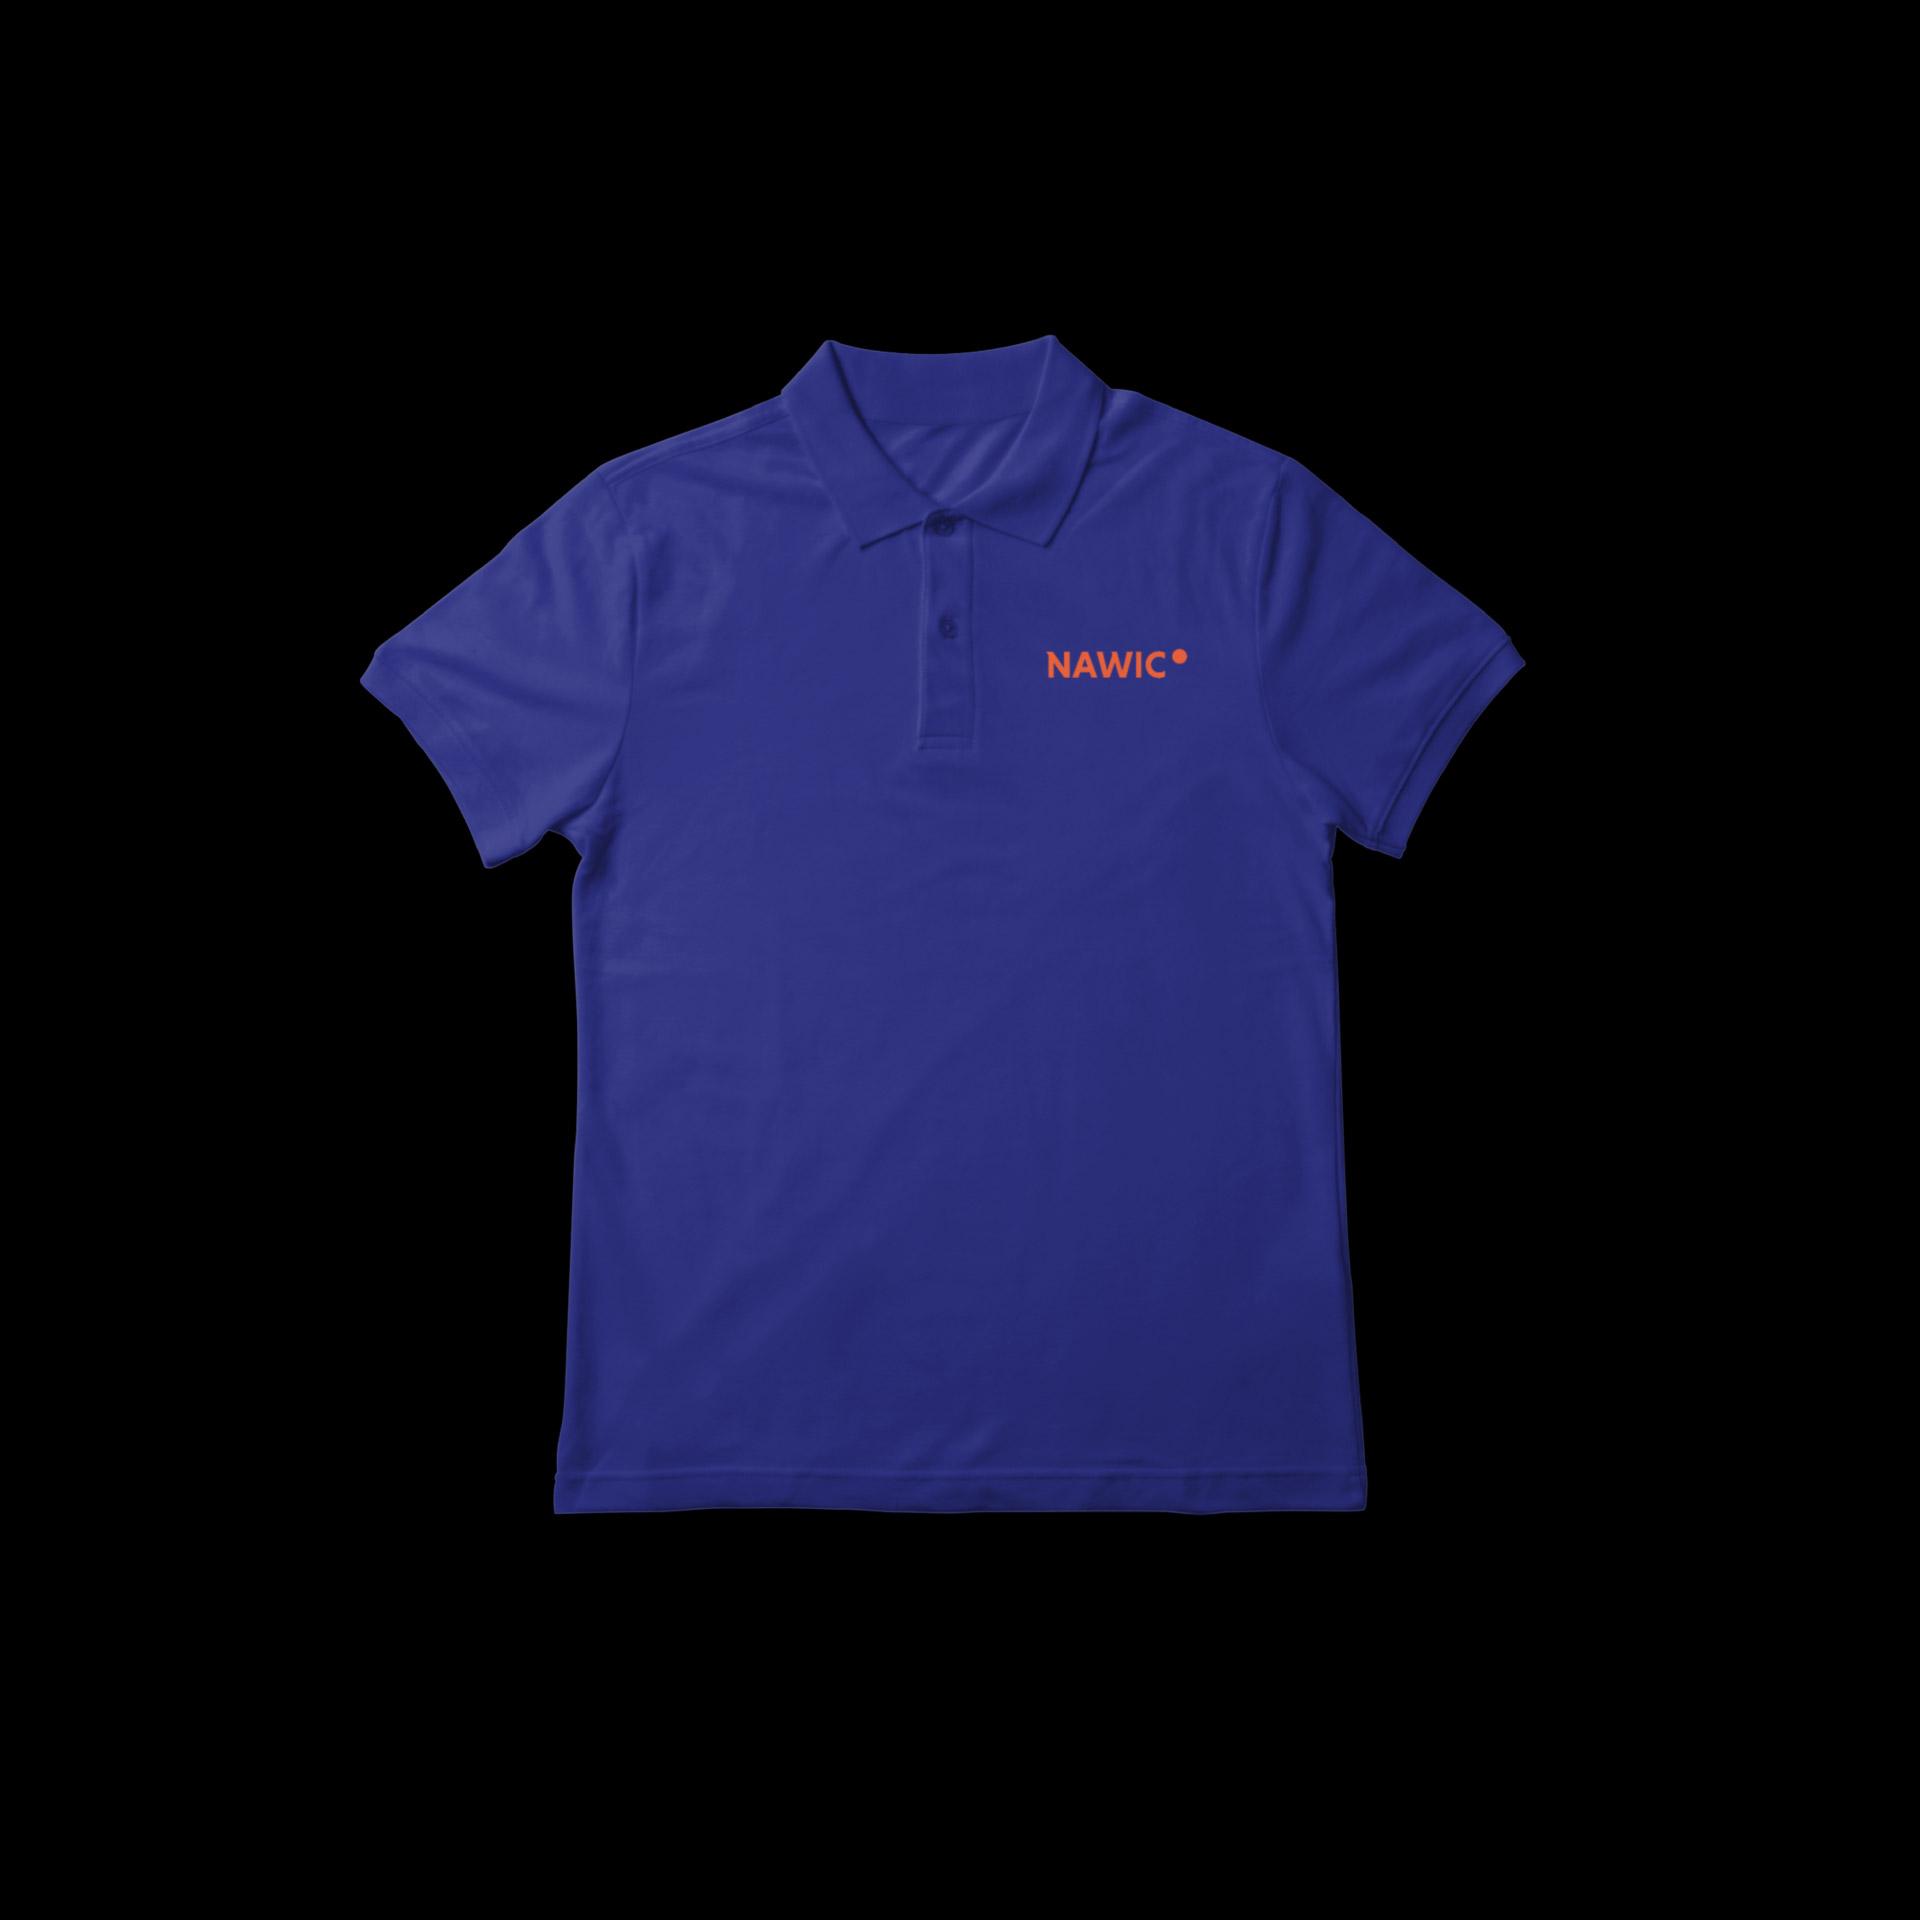 nawic shirt branding